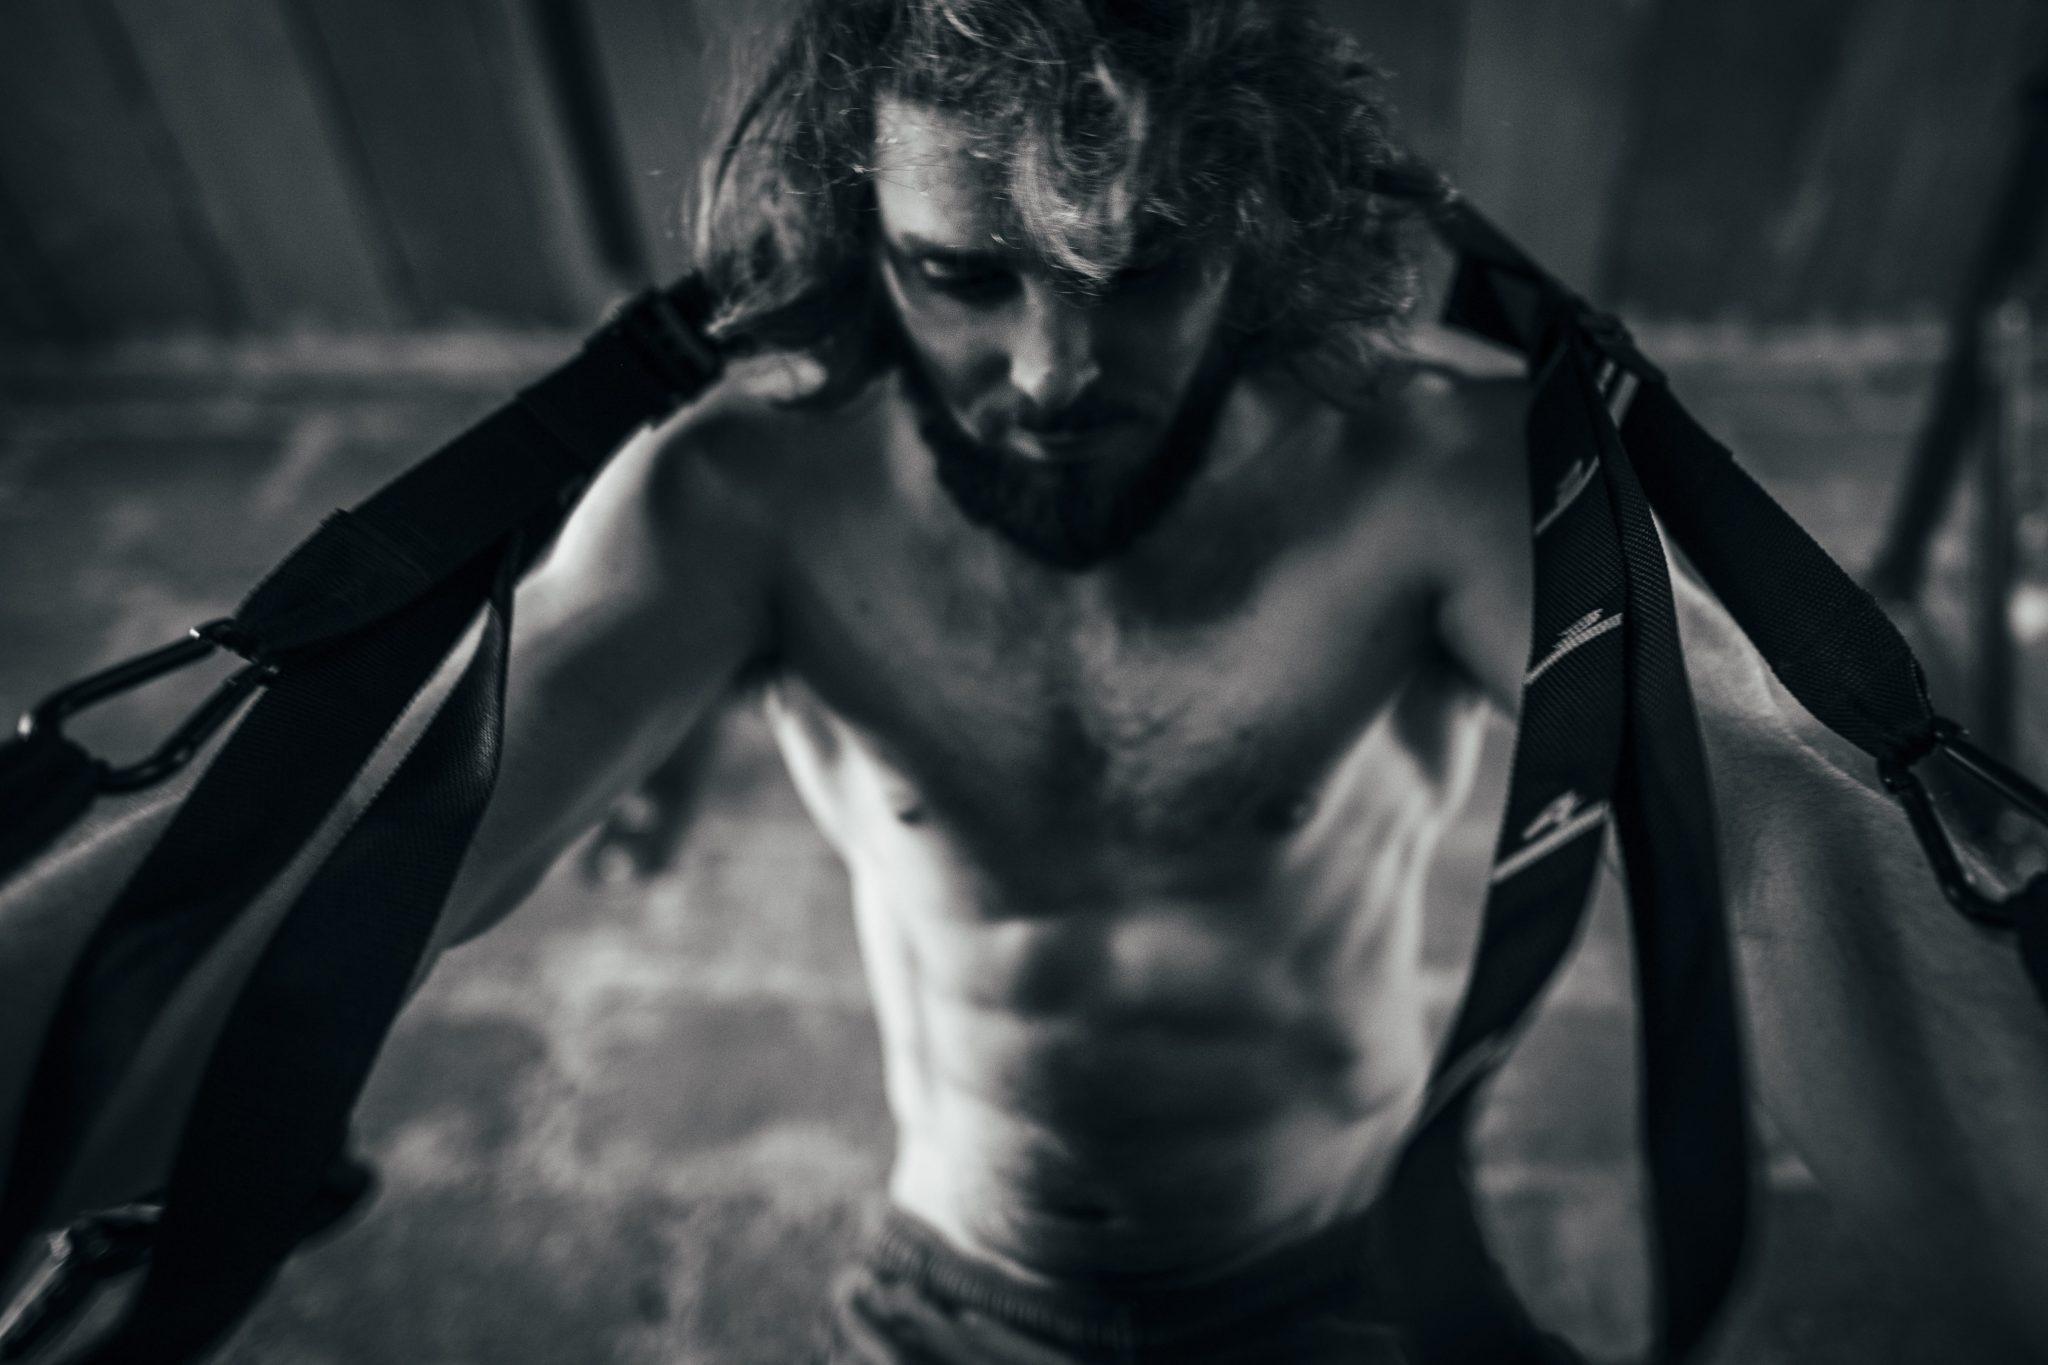 il corridore allena gli addominali e le spalle con gli elastici